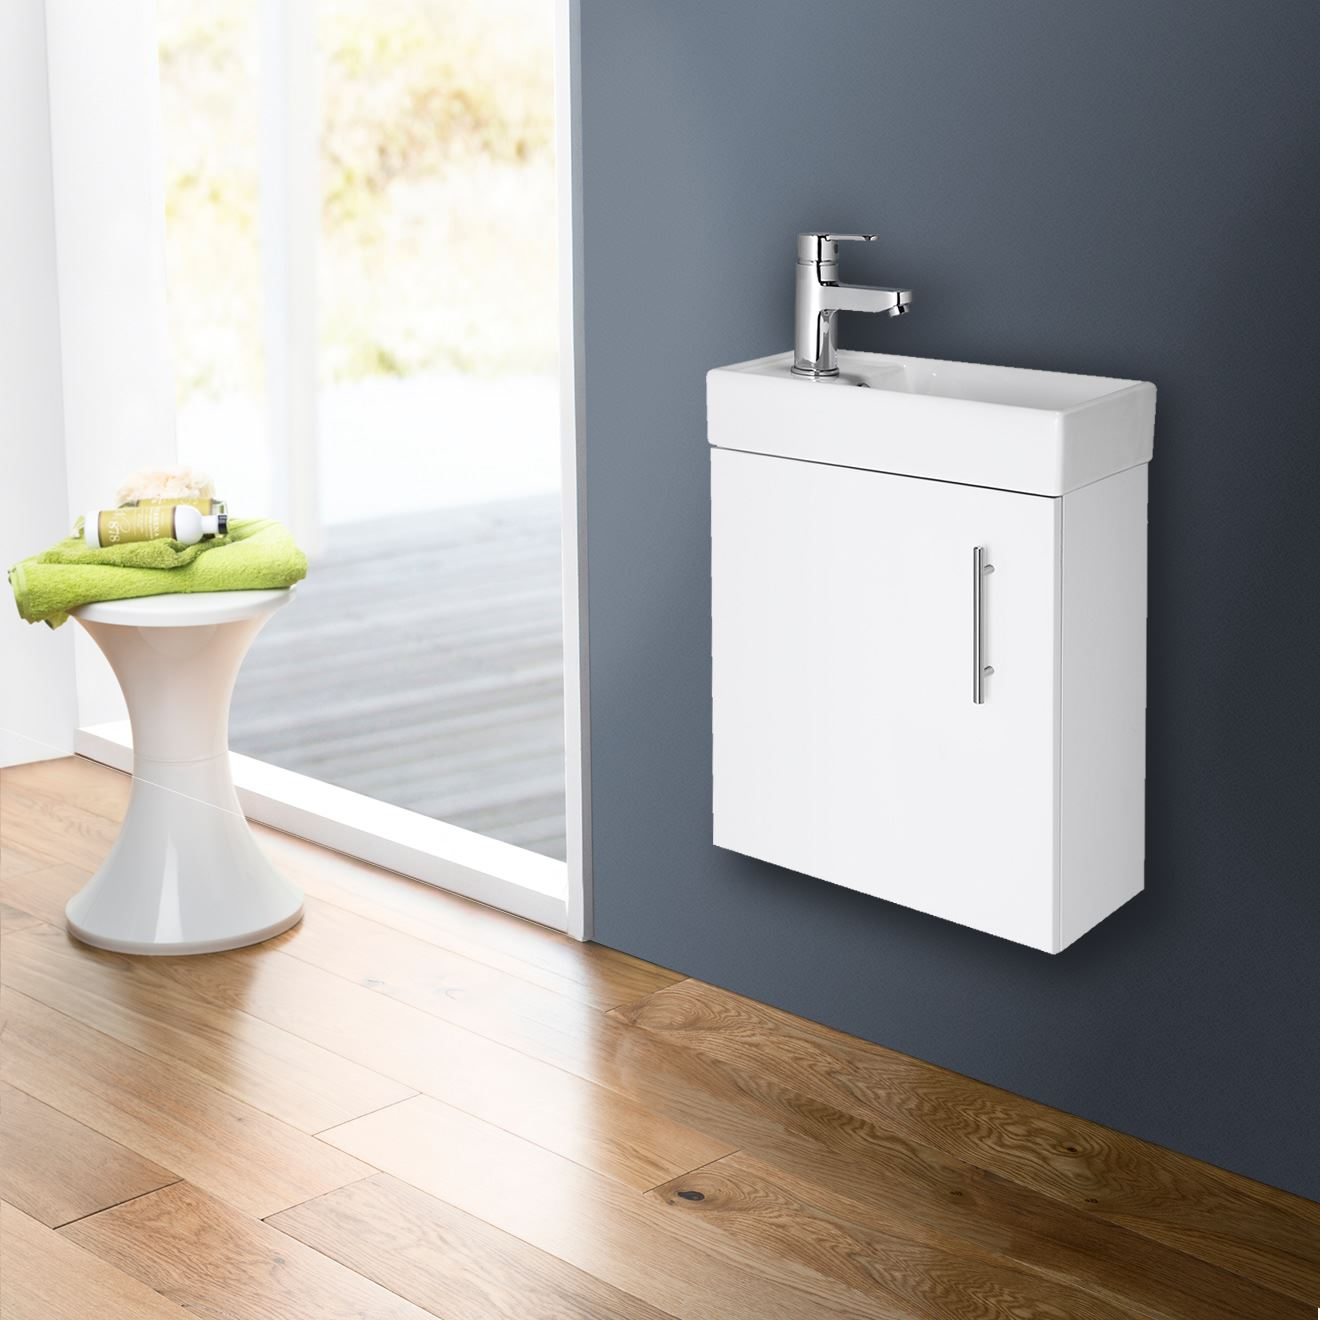 compact bathroom vanity unit basin sink cloakroom 400mm. Black Bedroom Furniture Sets. Home Design Ideas